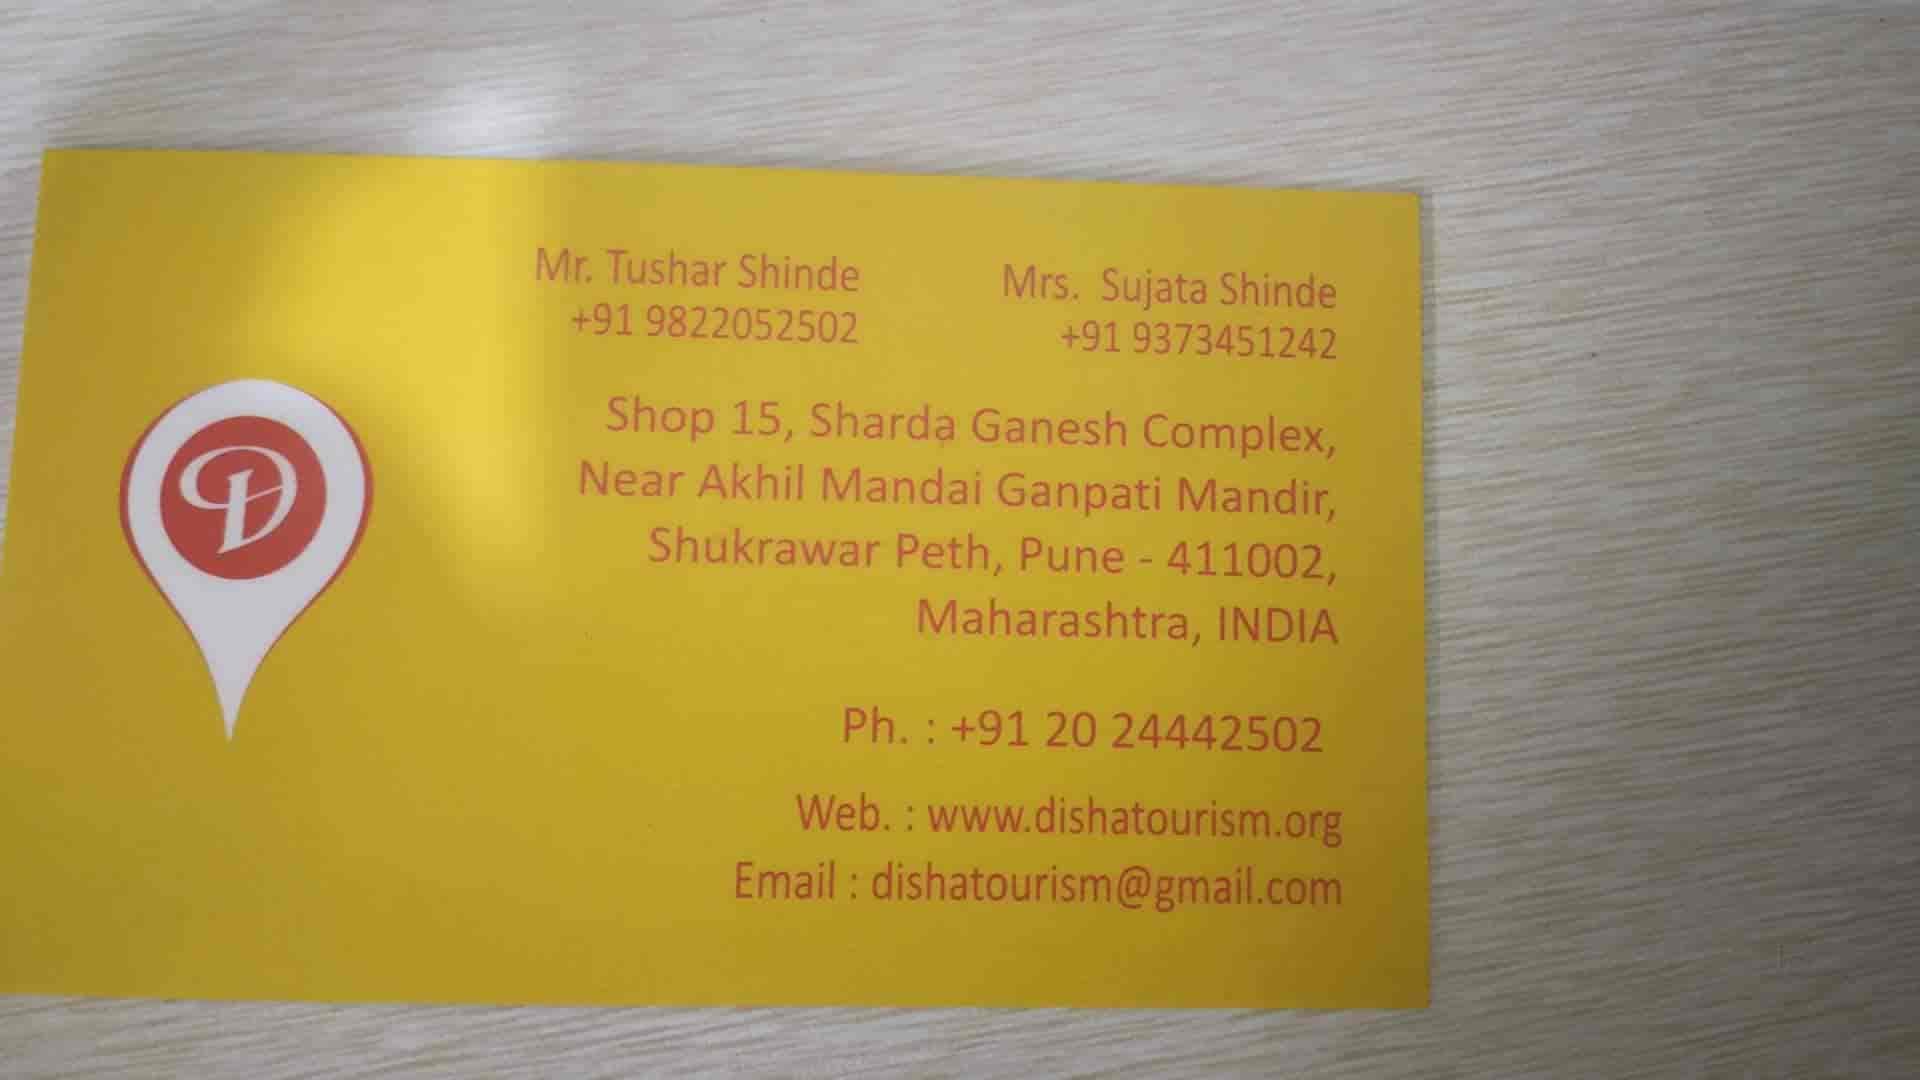 Disha Tourism Photos Shukrawar Peth Pune Pictures Images